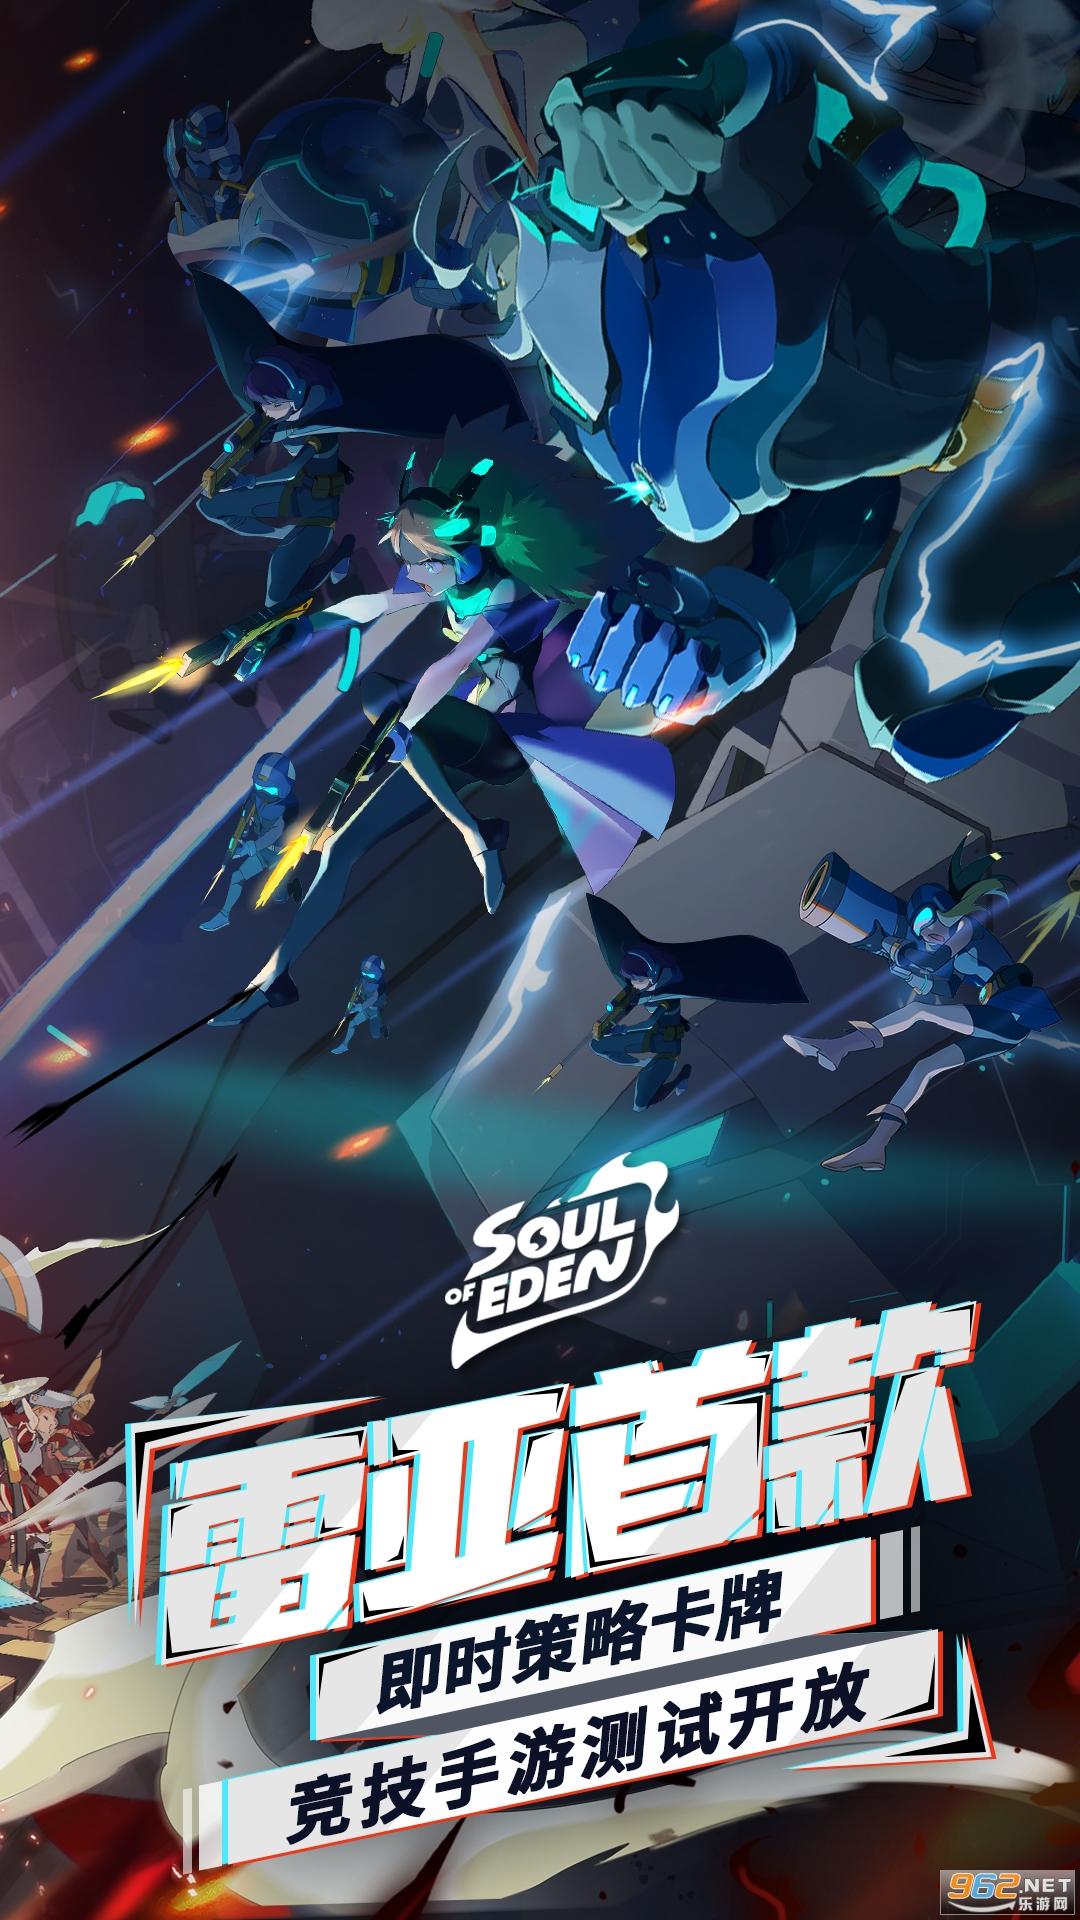 伊甸之战SoulofEden电竞手游v1.0.8官方版截图4